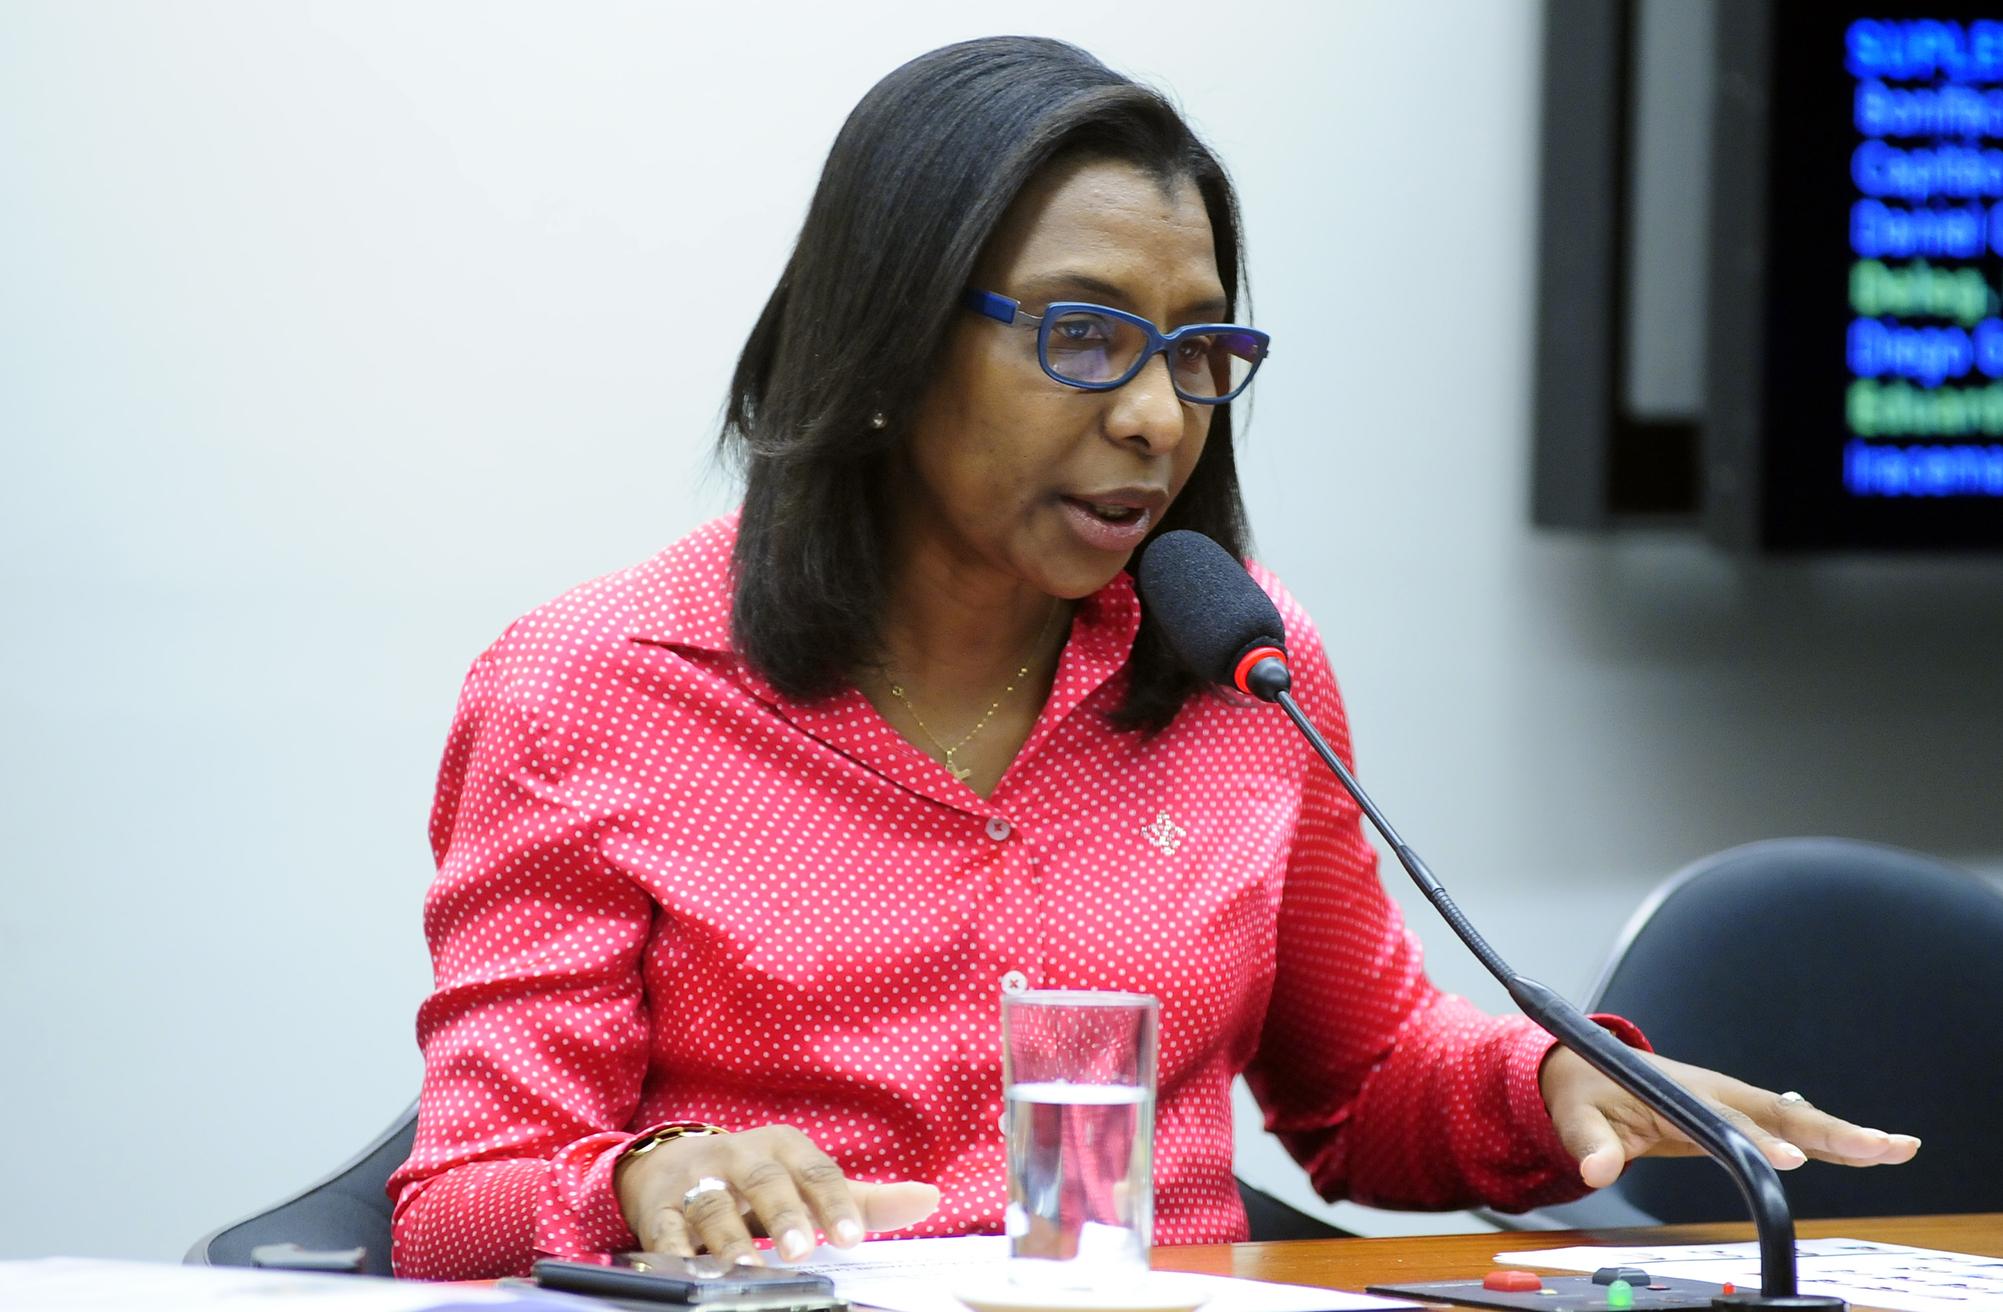 Rosangela Gomes: o atendimento policial especializado, ininterruptamente, em todos os dias da semana, é medida que se impõe como forma de coibir a crescente violência doméstica contra a mulher (Foto: Alex Ferreira / Câmara dos Deputados)